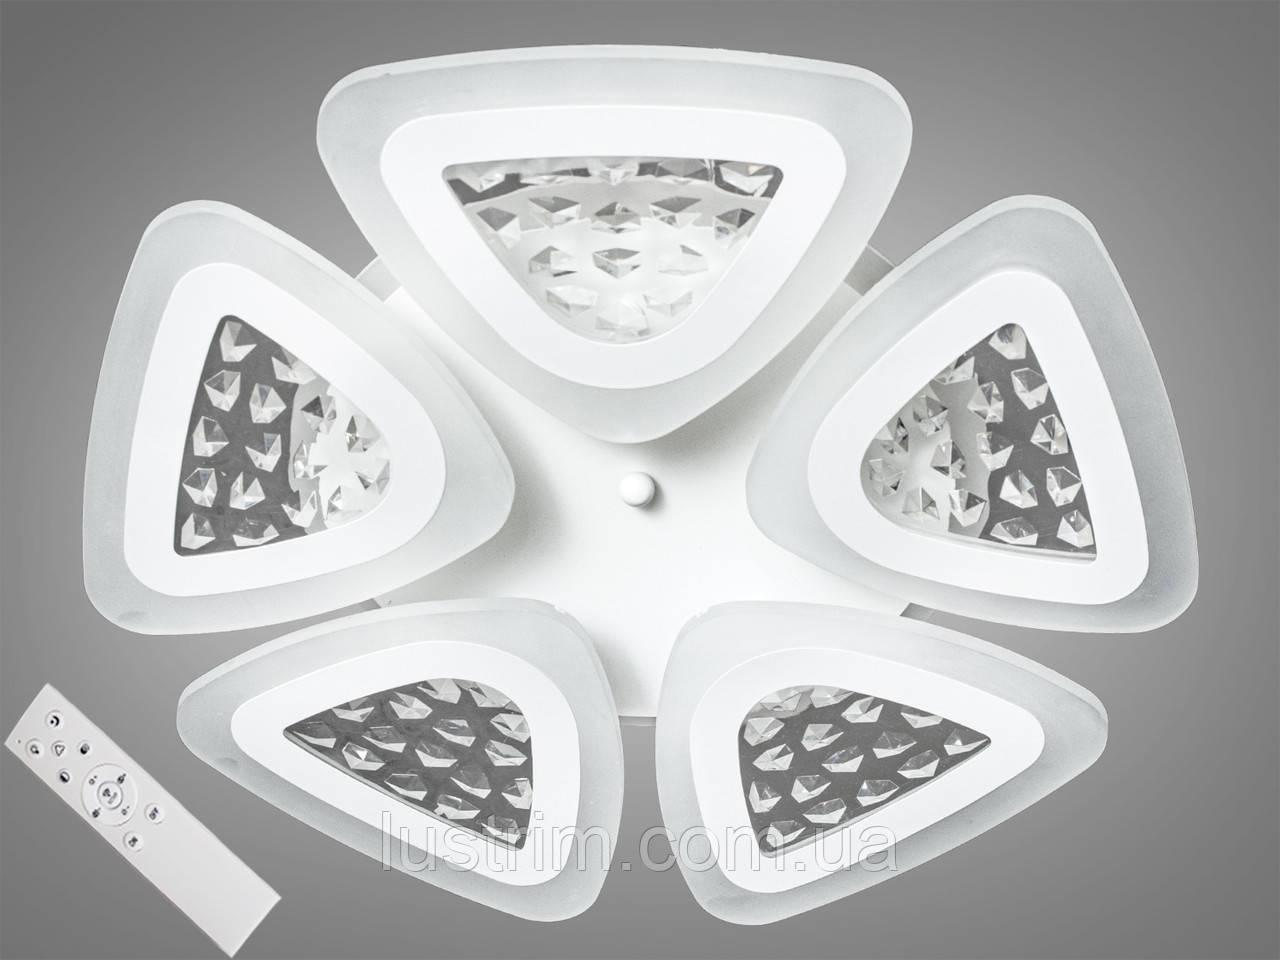 Потолочная светодиодная люстра с диммером 120W